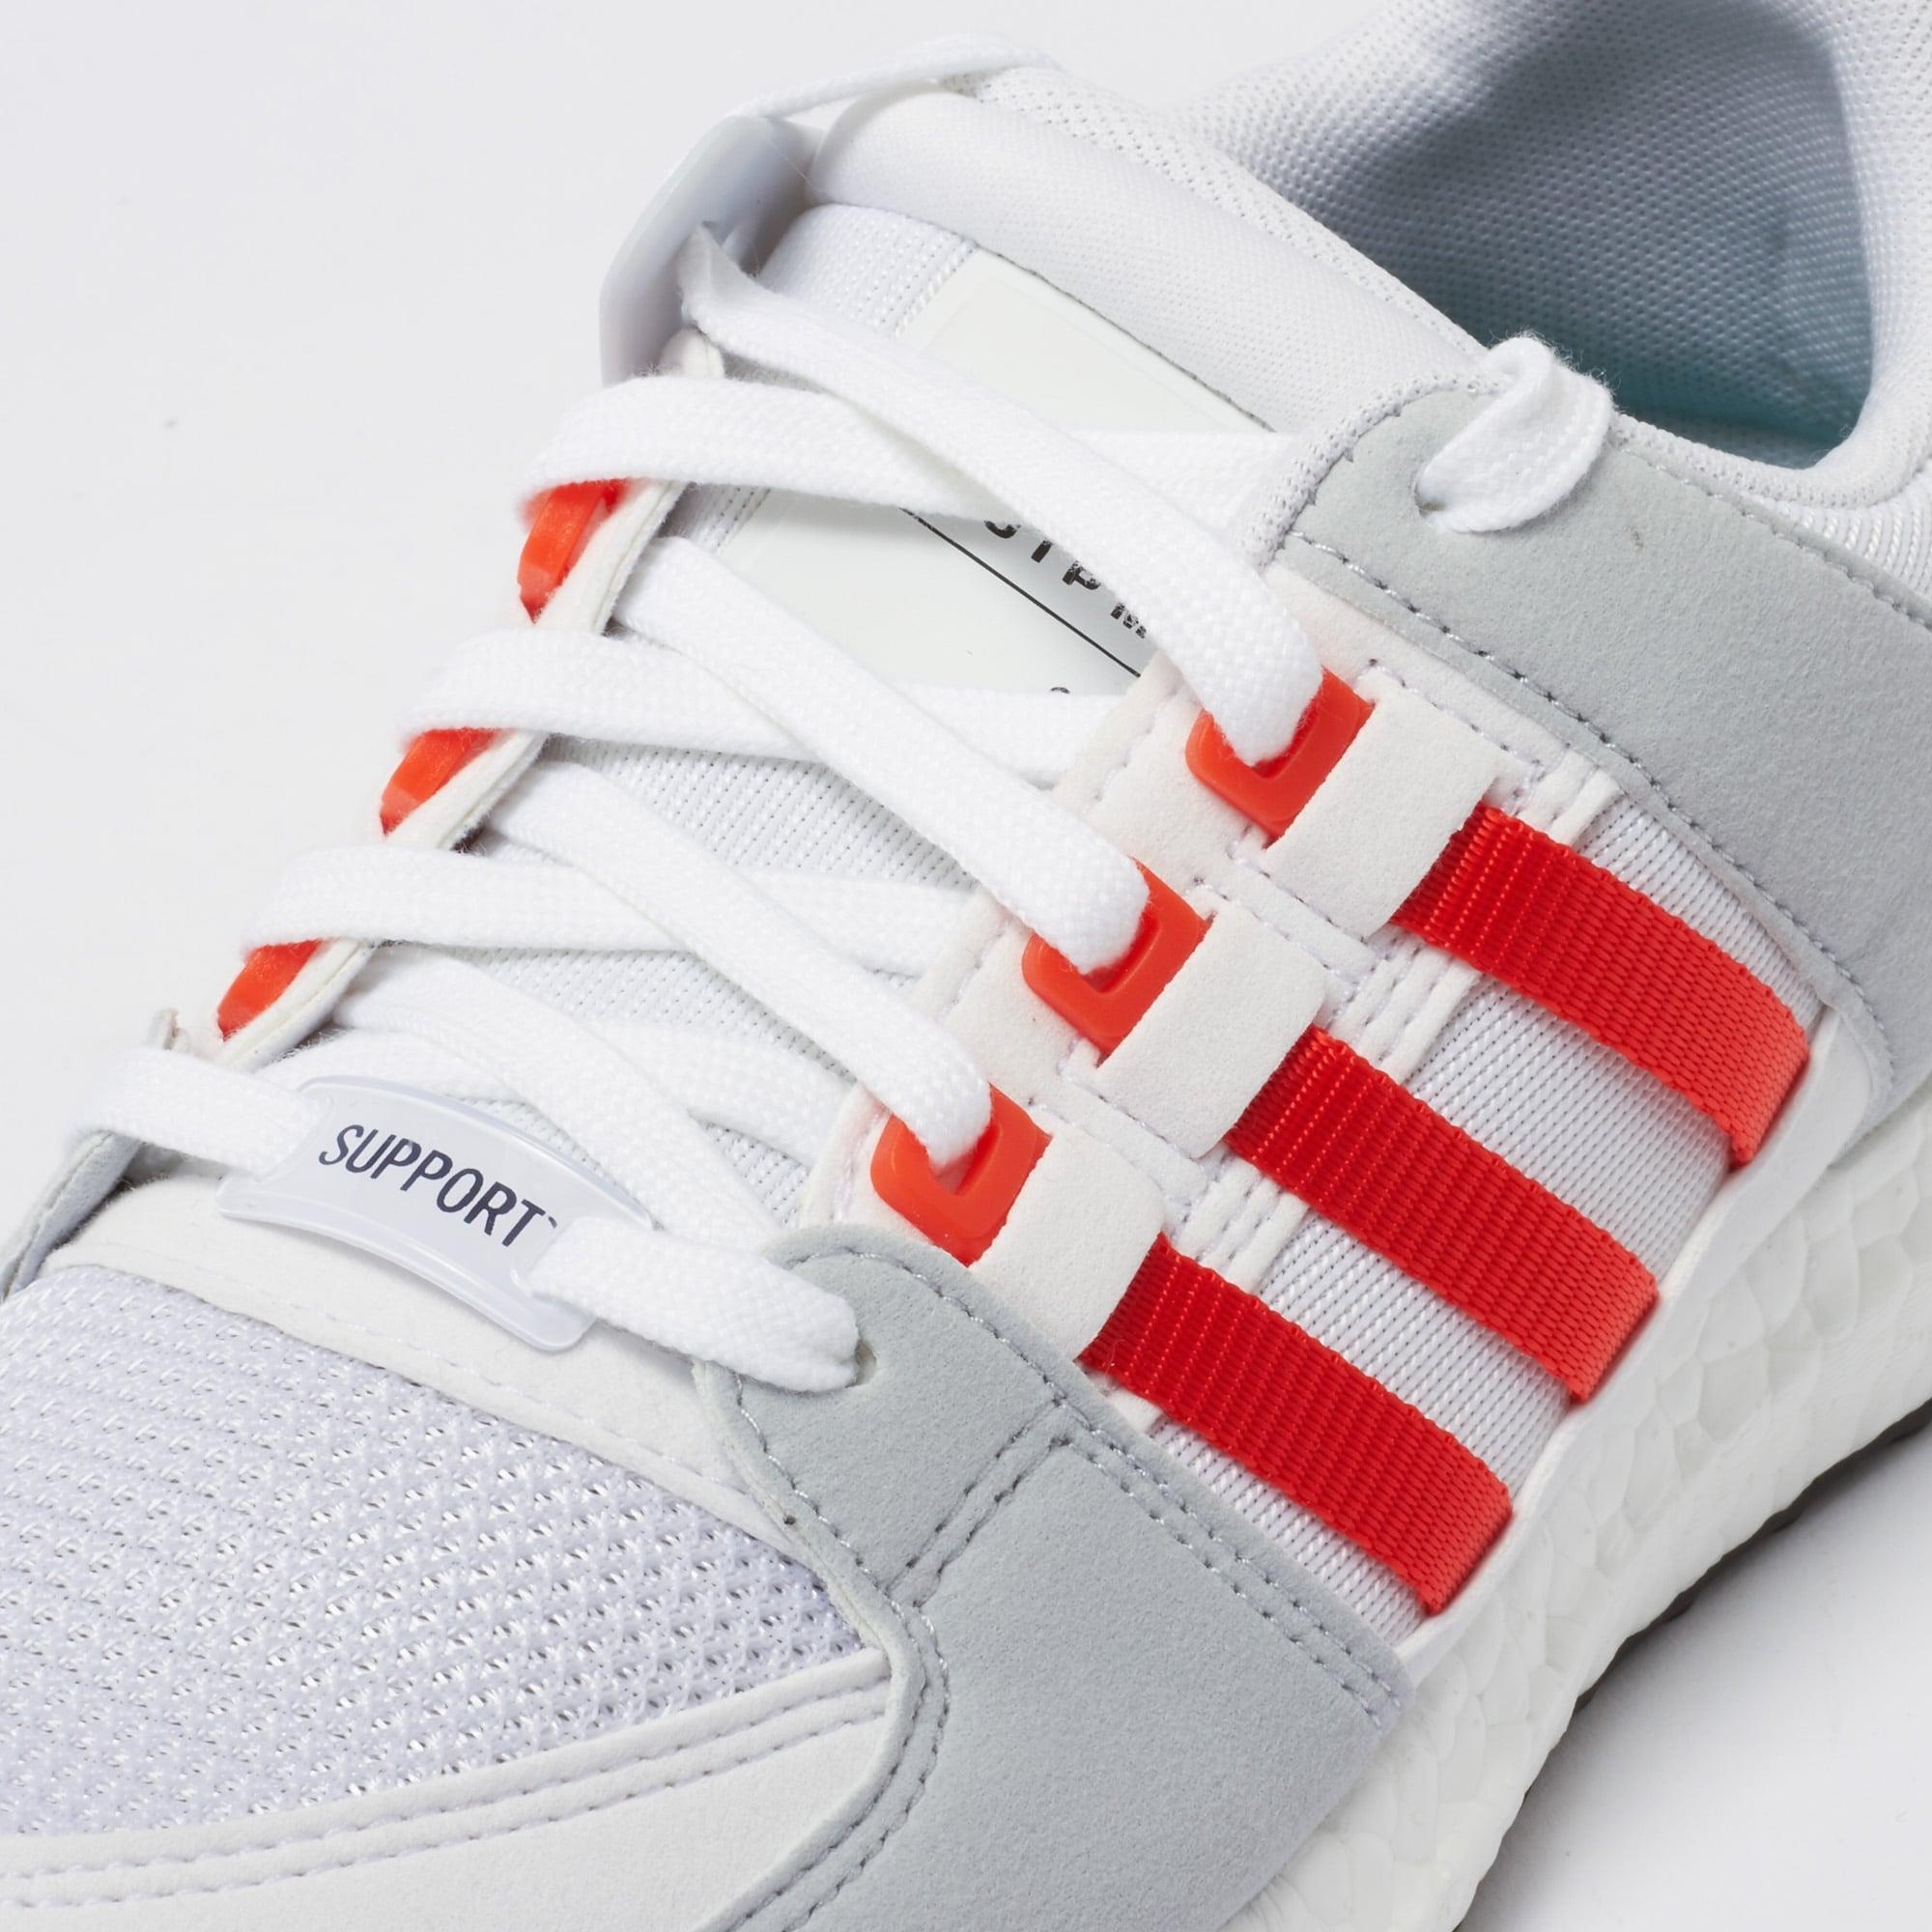 premium selection c217f 3e8e6 EQT Support Ultra - Running White amp Bold Orange